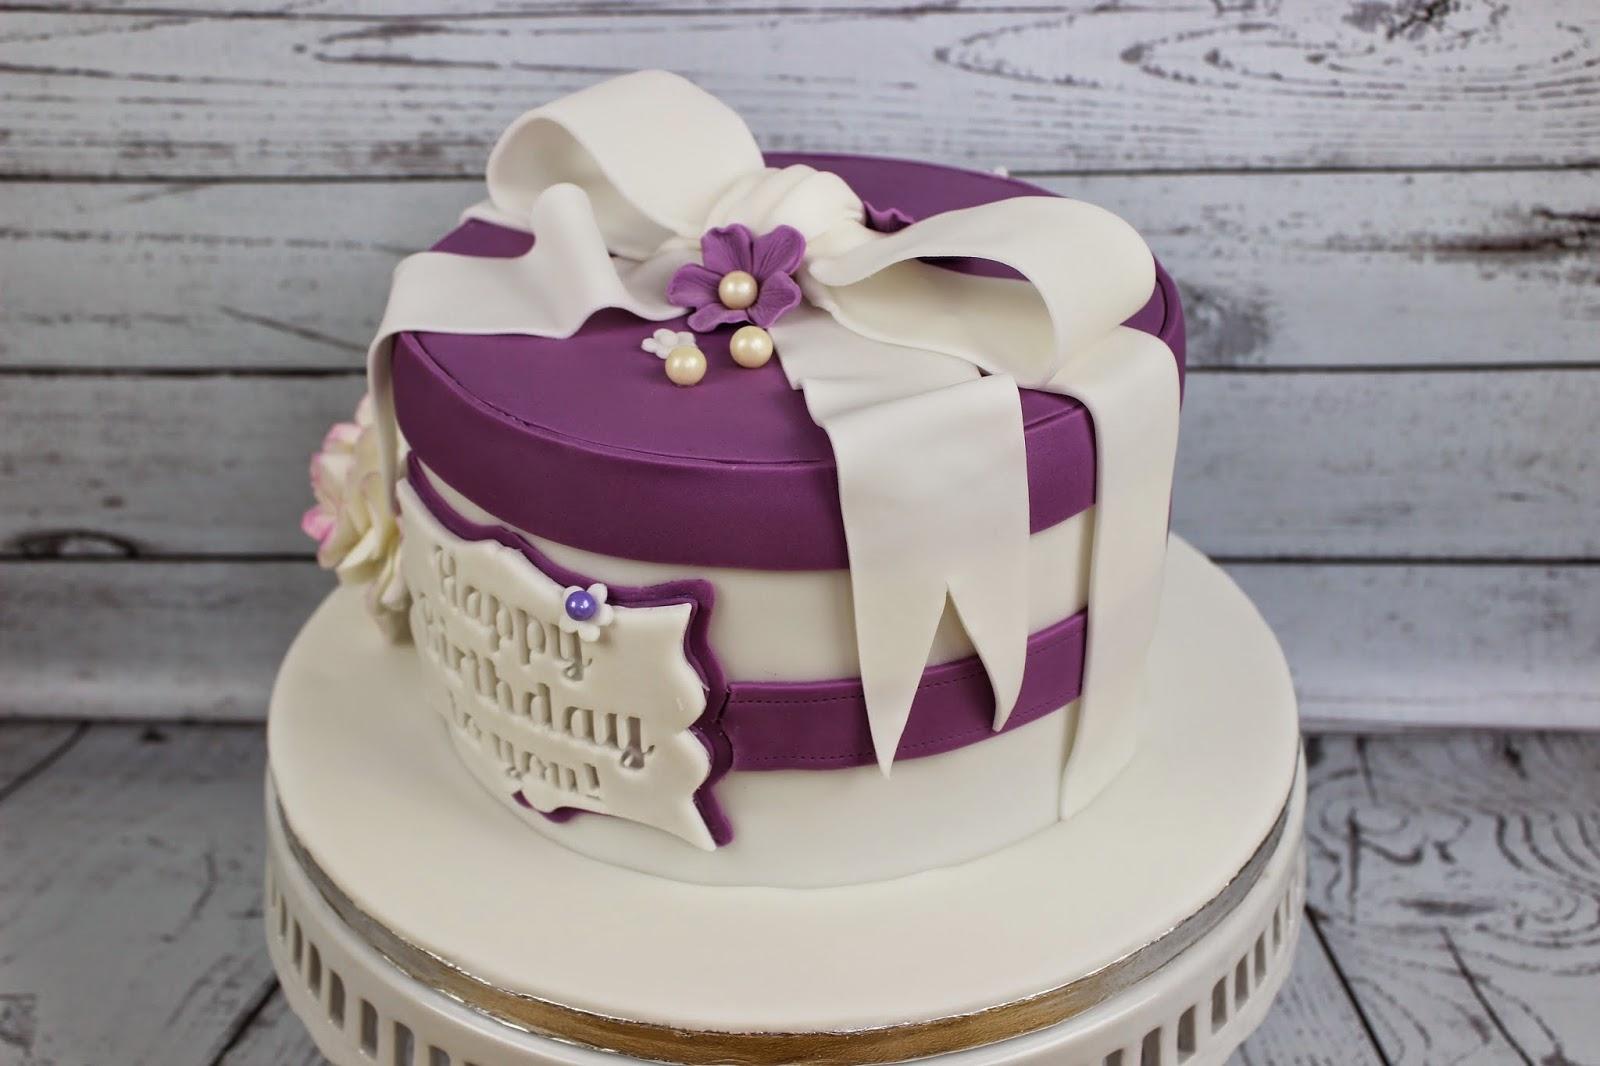 Kuchen zum 60 geburtstag